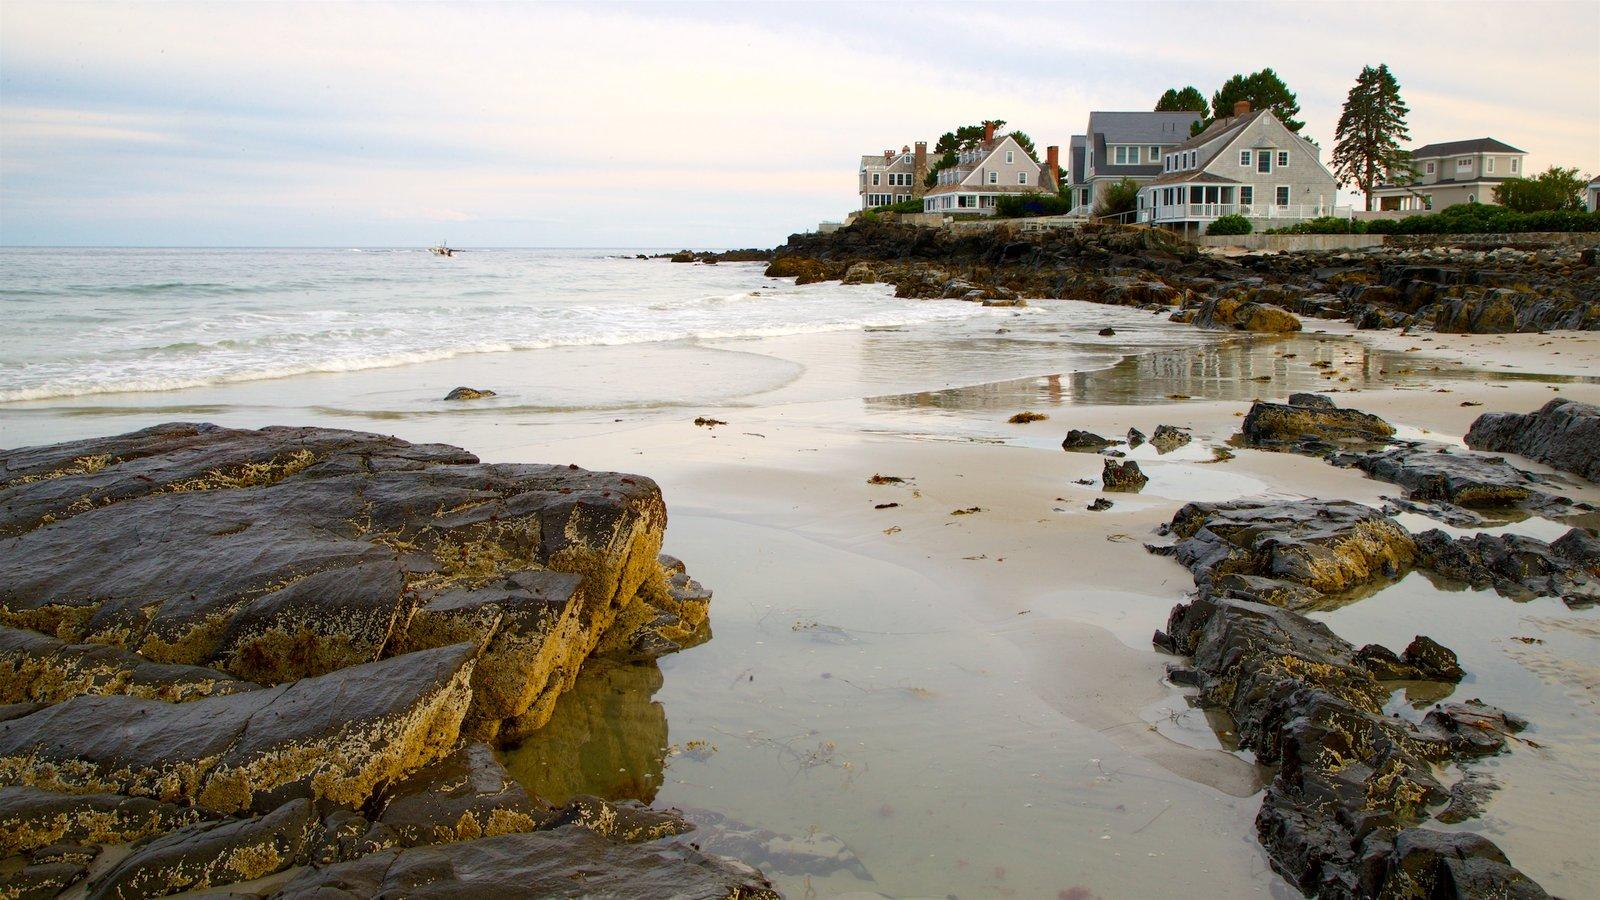 Mother\'s Beach mostrando vistas generales de la costa, una playa de arena y una casa